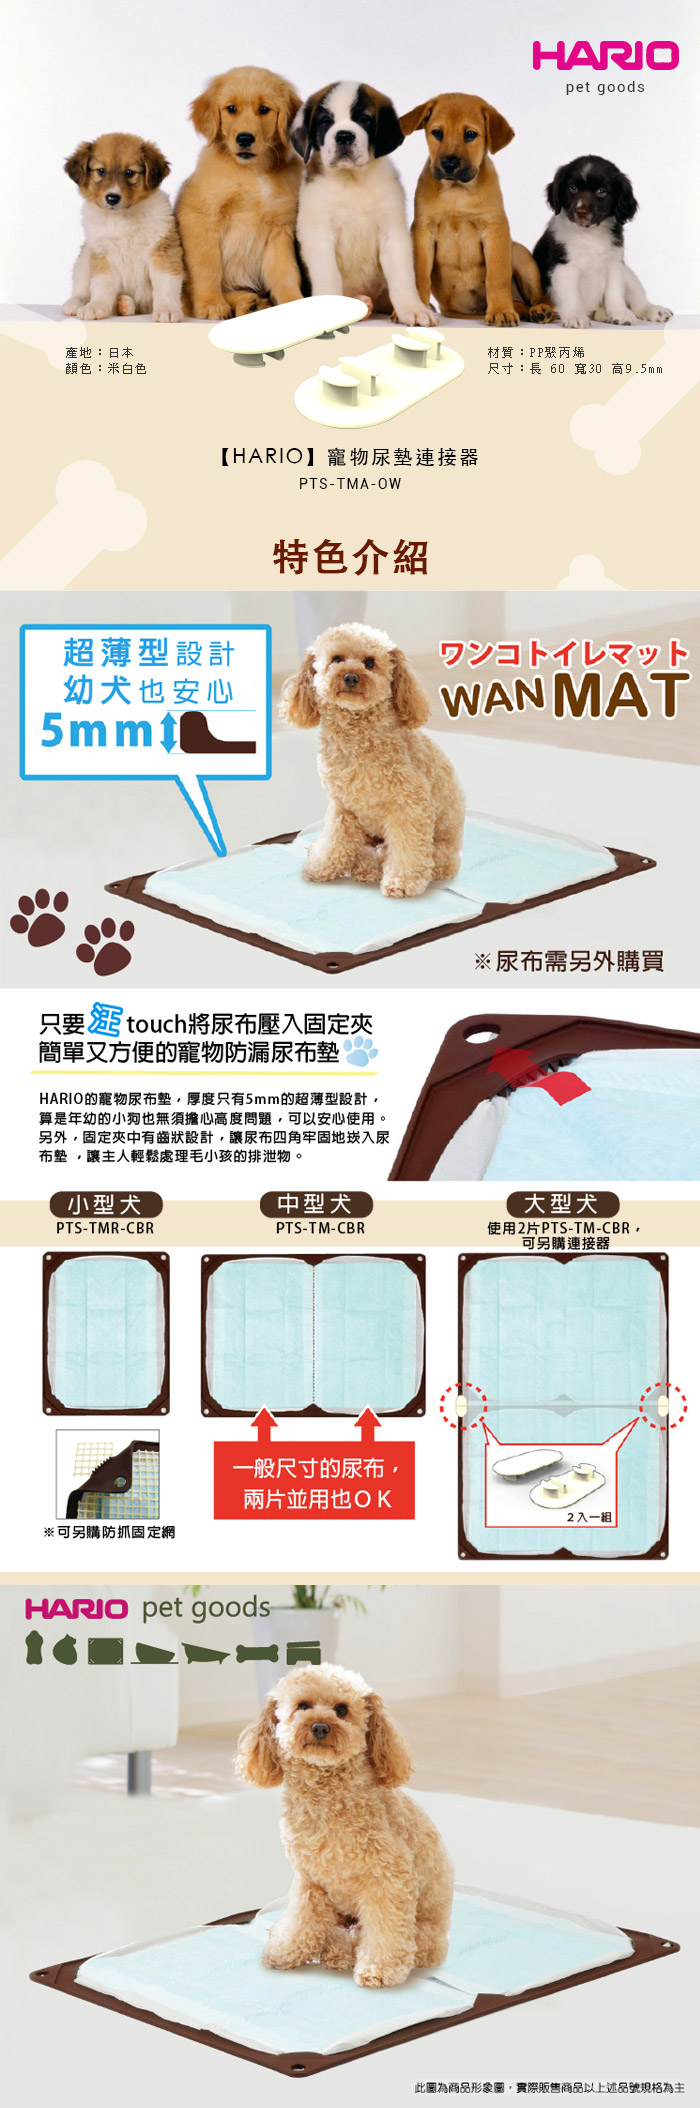 (複製)HARIO  寵物用大型尿墊專用固定網  PTS-TM-SM